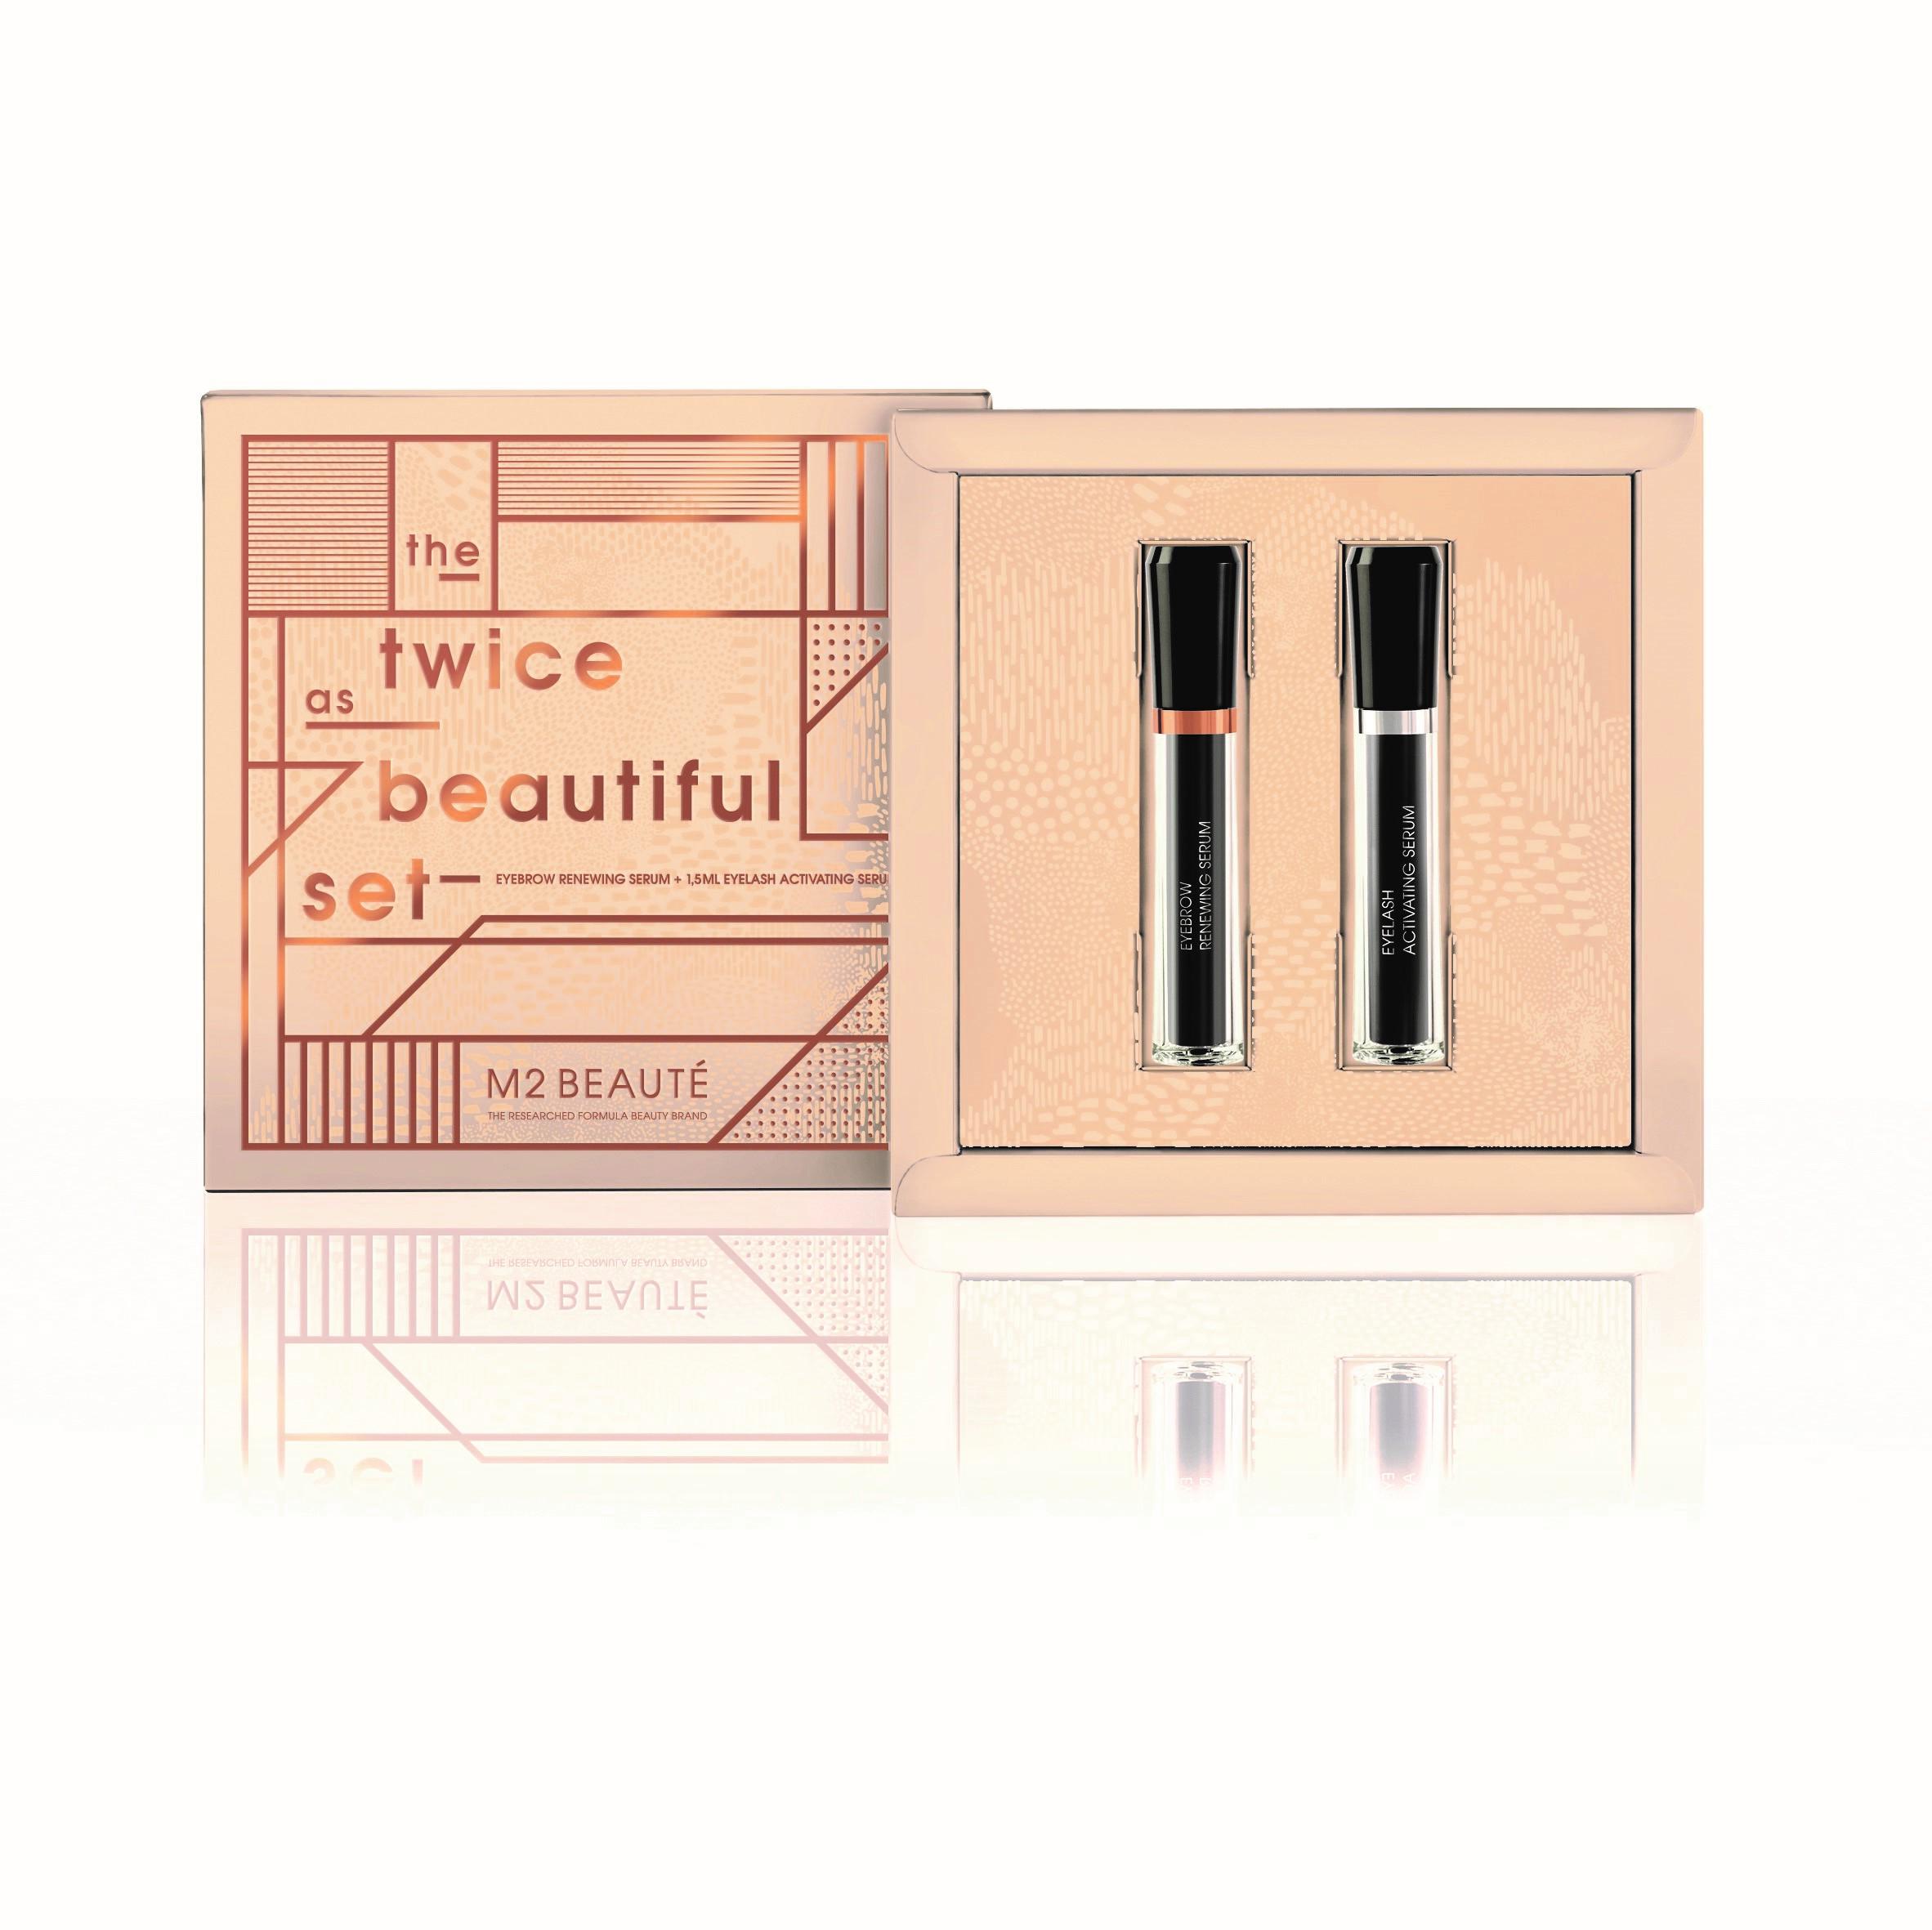 los mejores regalos de belleza m2 beauté